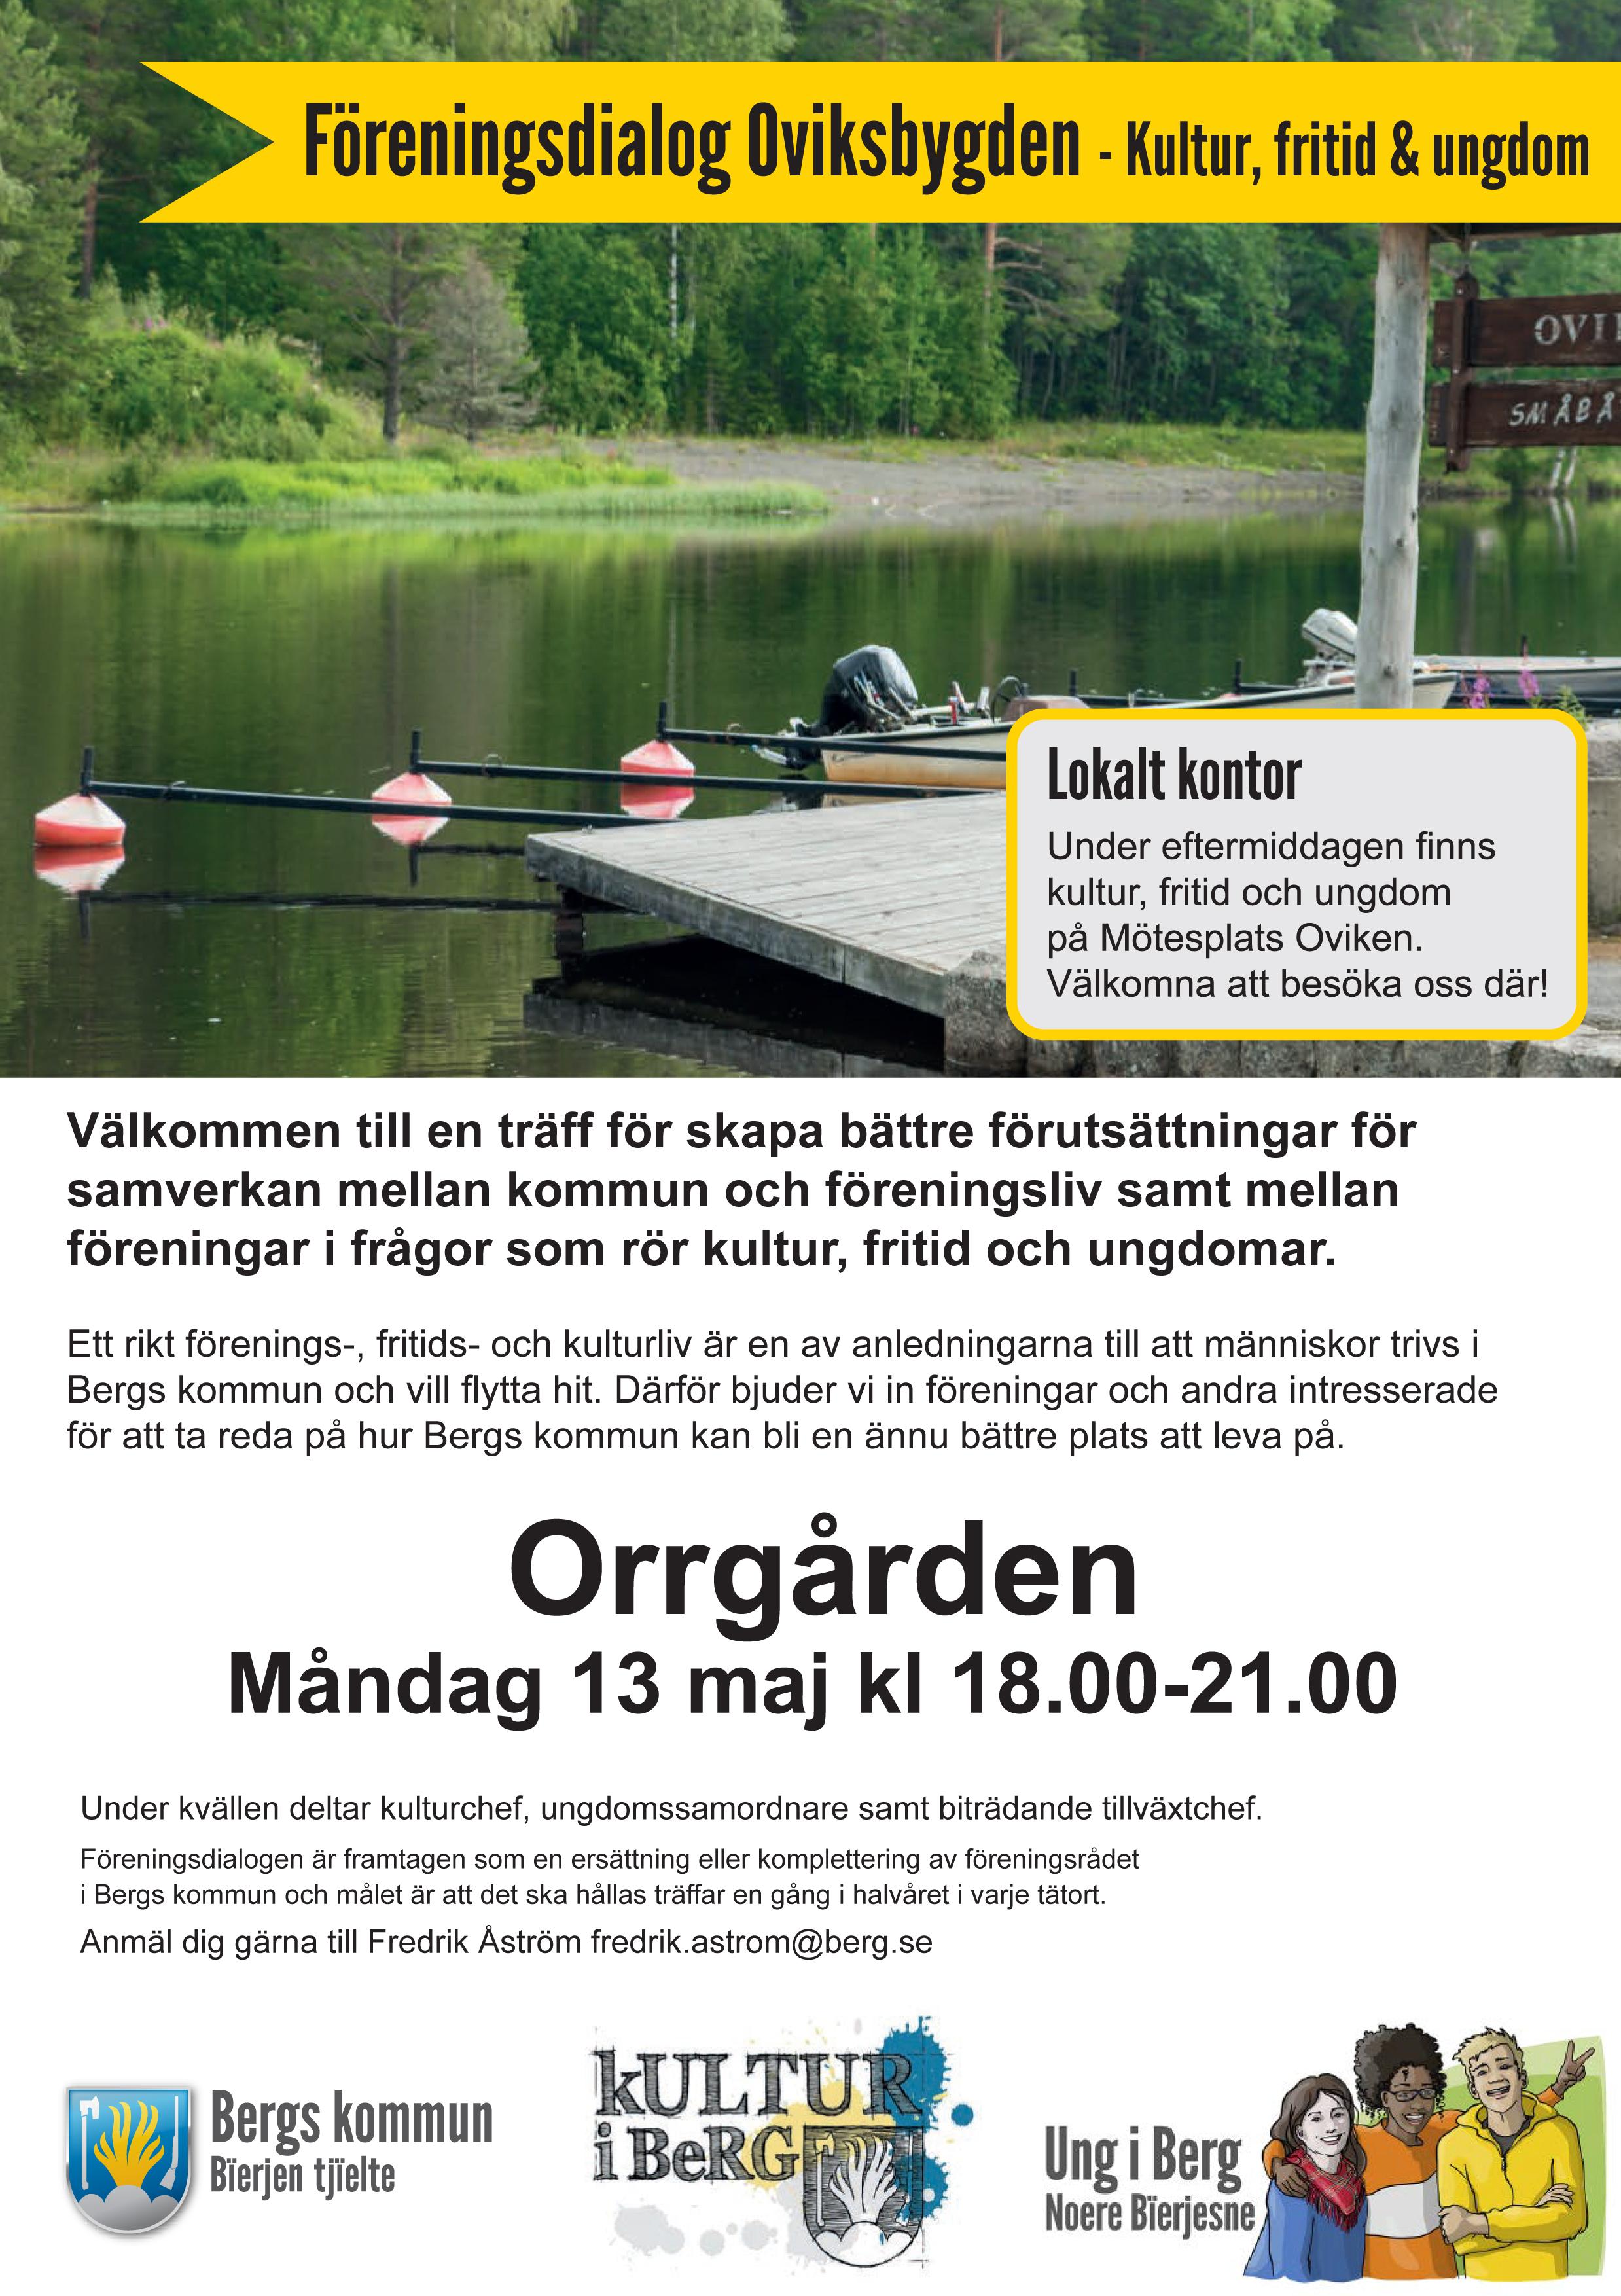 Bergs kommuns föreningsdialog i Oviksbygden - Kultur, fritid och ungdom